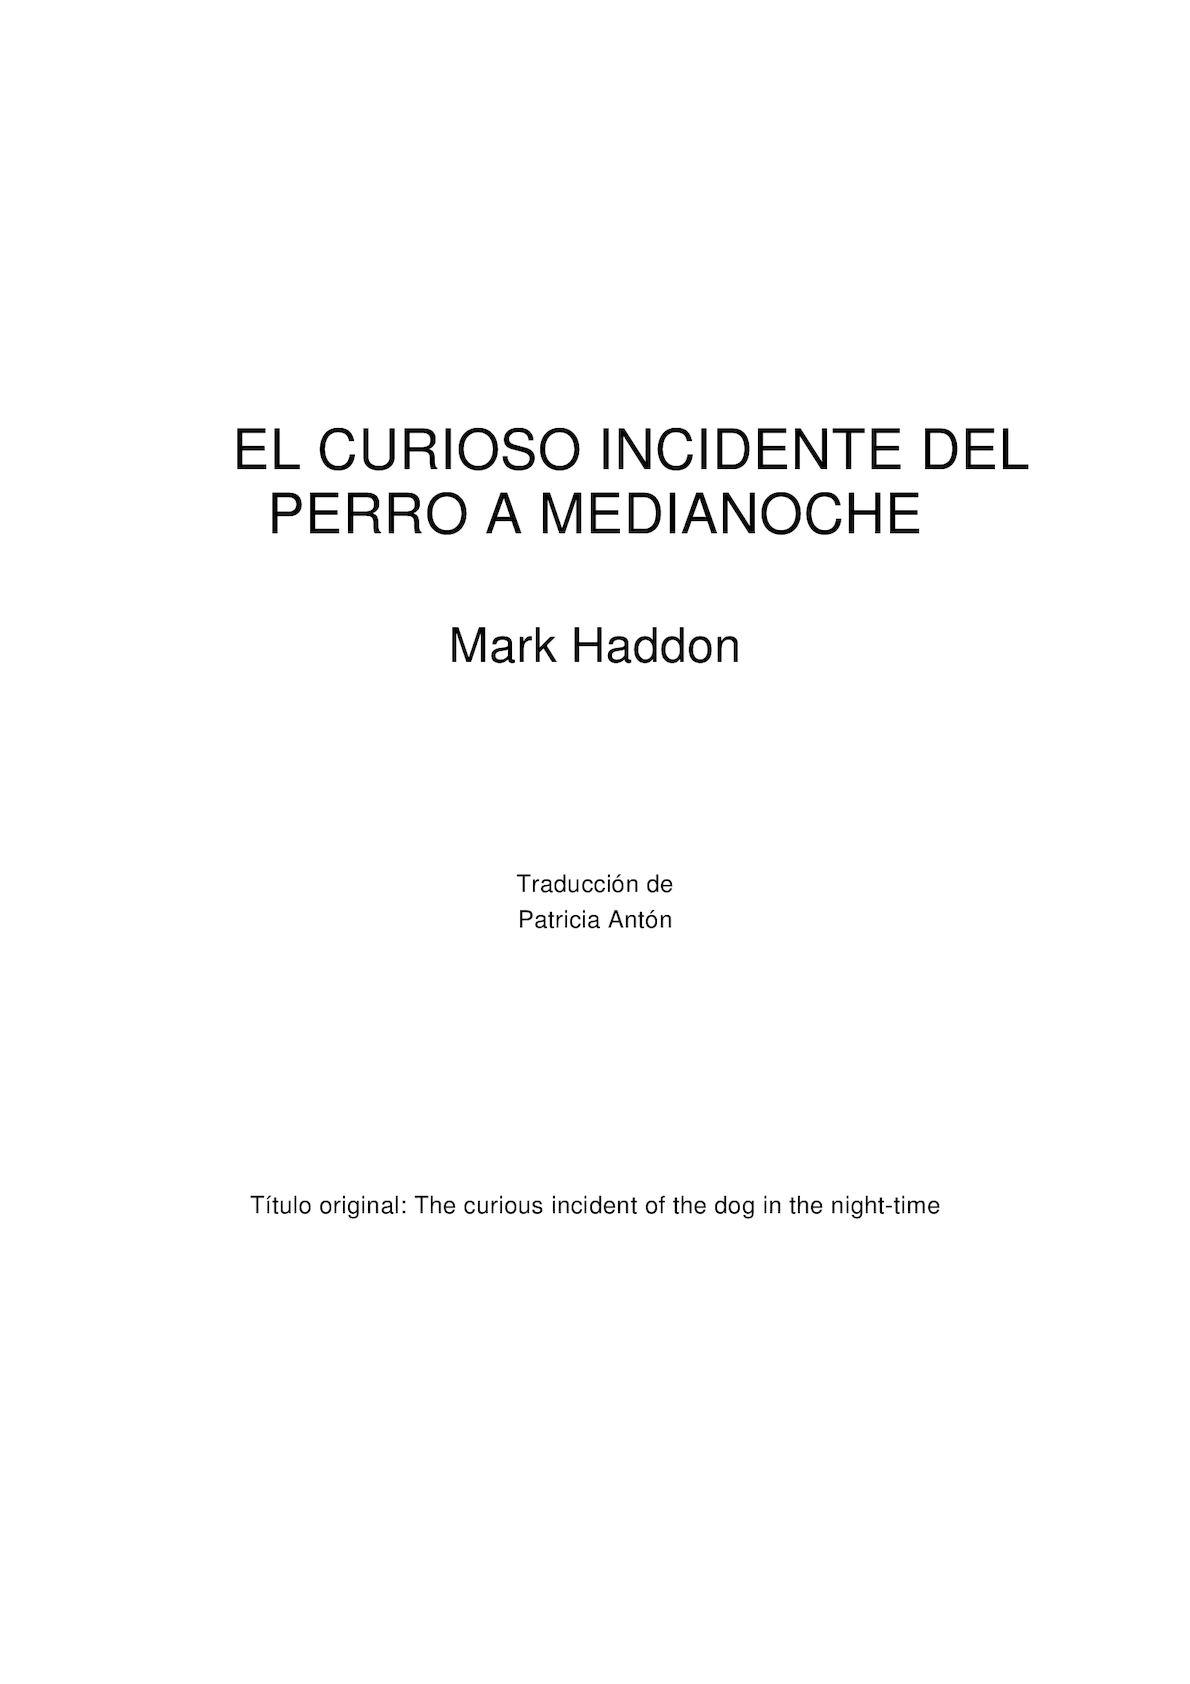 94f780684a Calaméo - El Curiosos Incidente Del Perro A Medianoche Mark Haddon